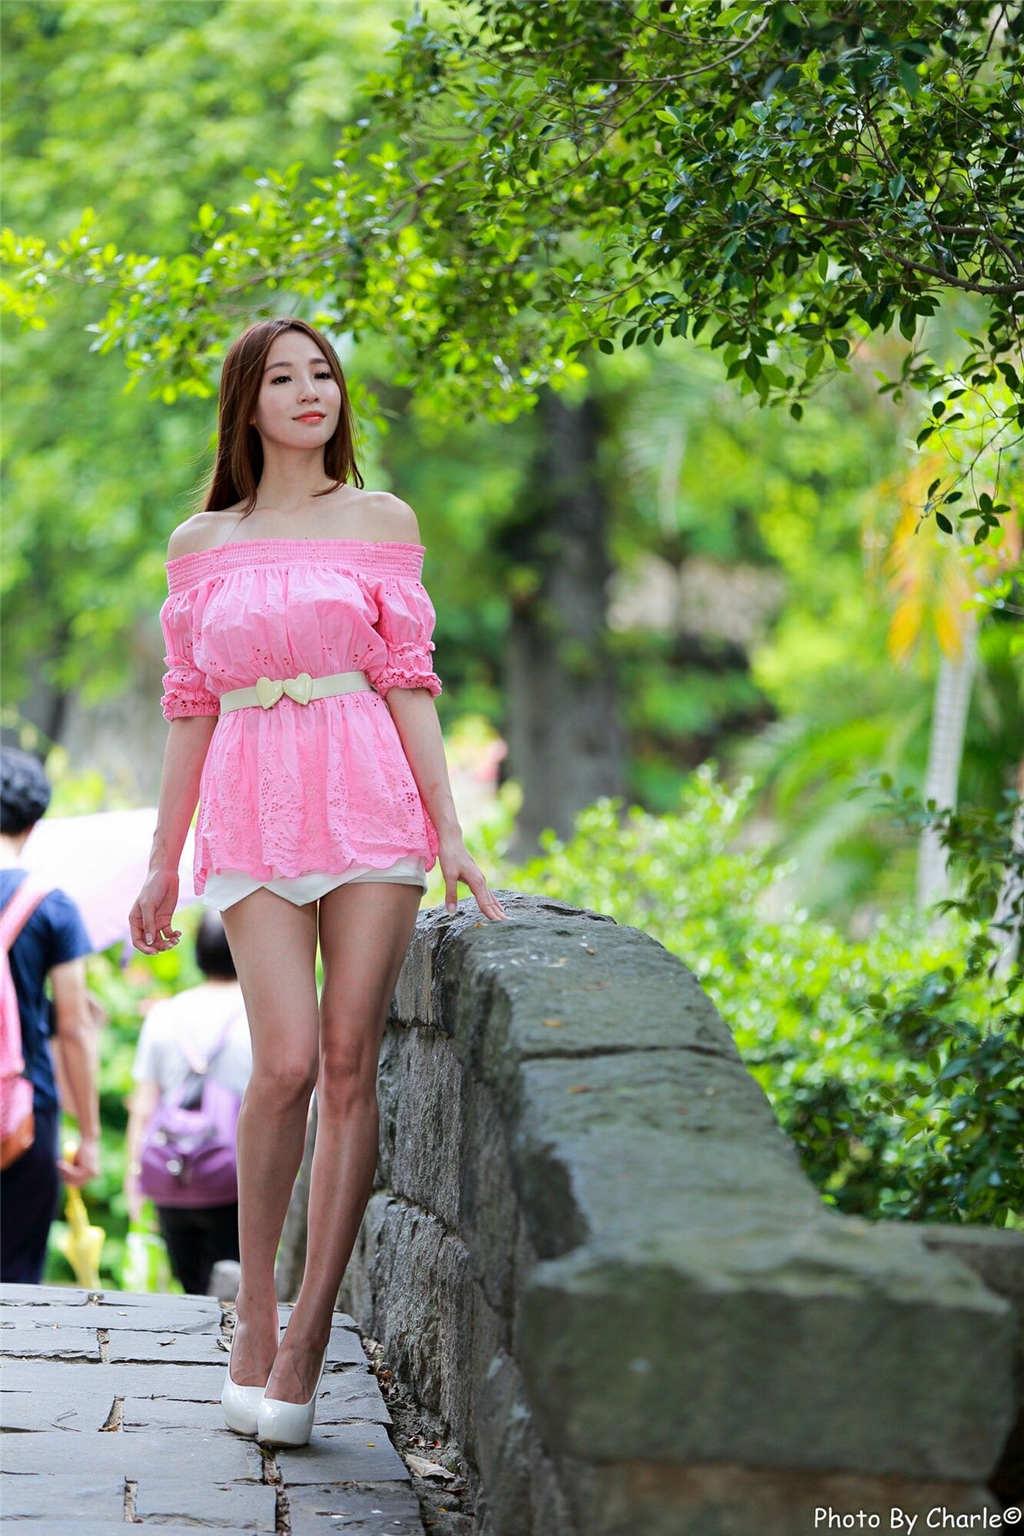 台湾女神小安柏Anber唯美性感写真(点击浏览下一张趣图)